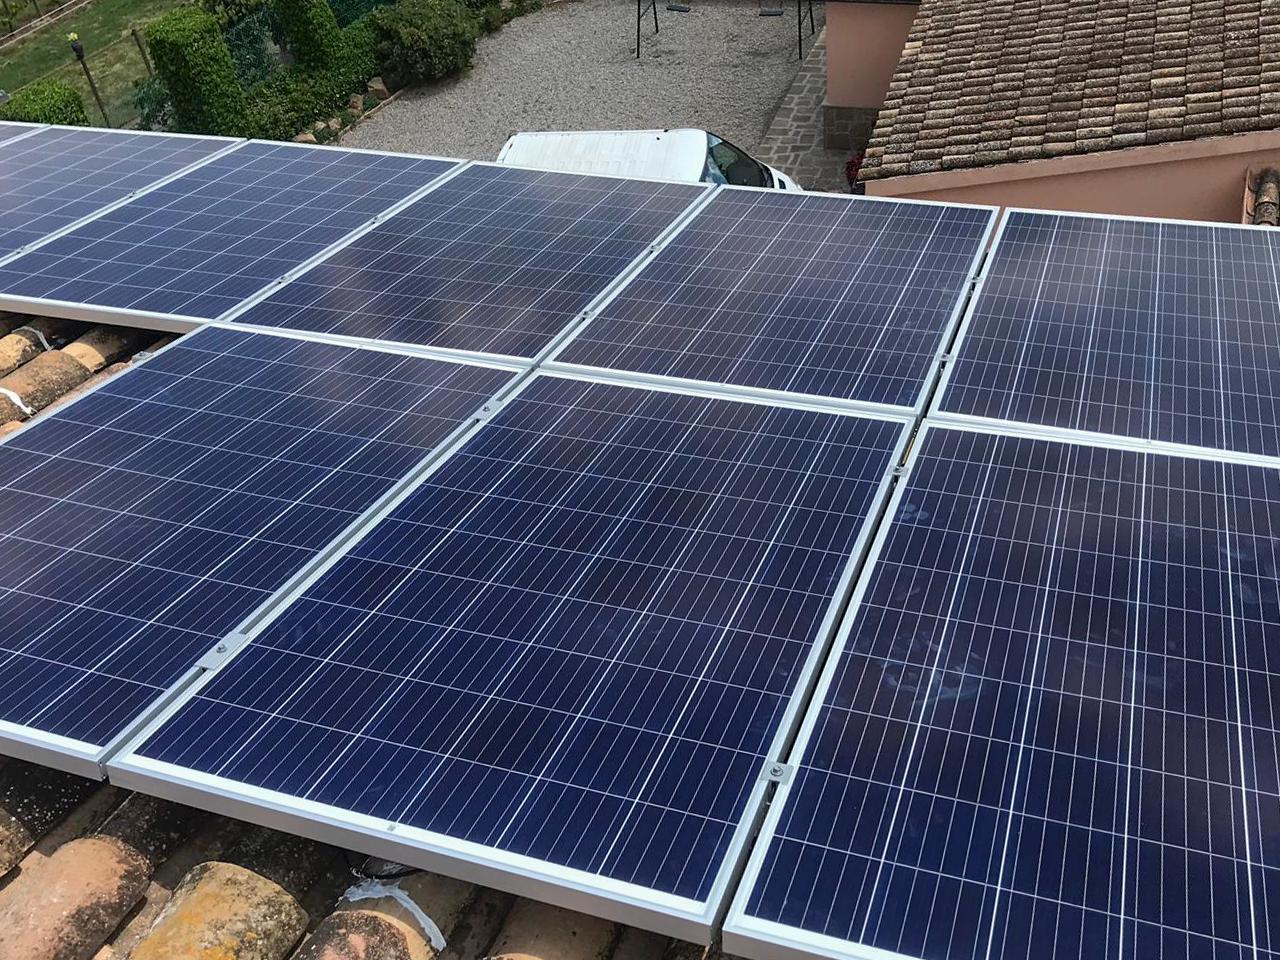 Instal·lació solar fotovoltaica domèstica sobre teulada